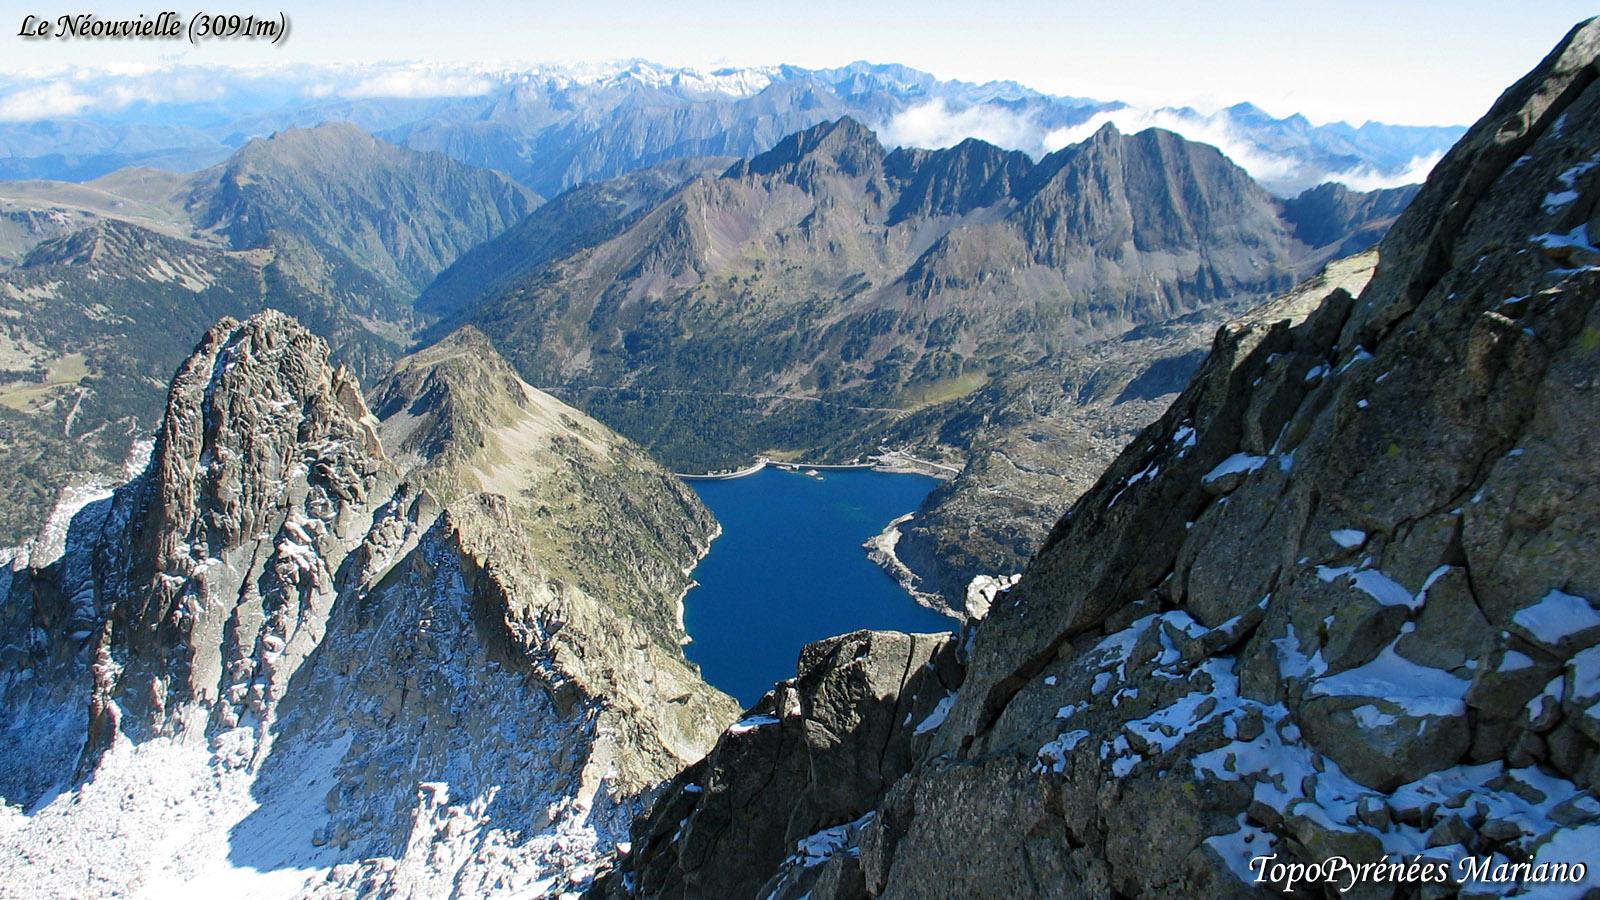 Randonnée Pic Néouvielle 3091m